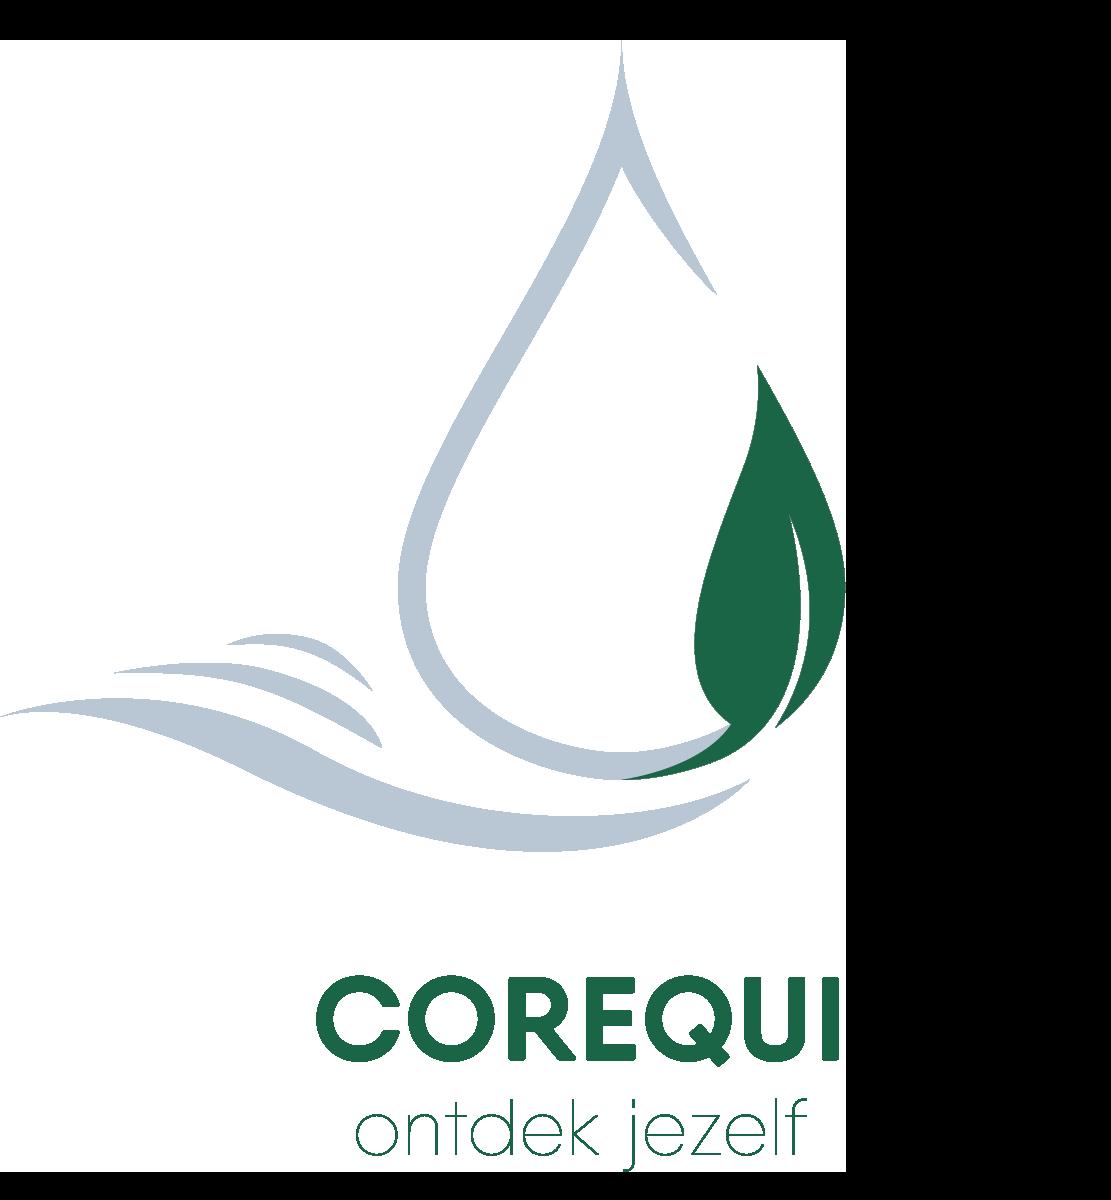 Corequi